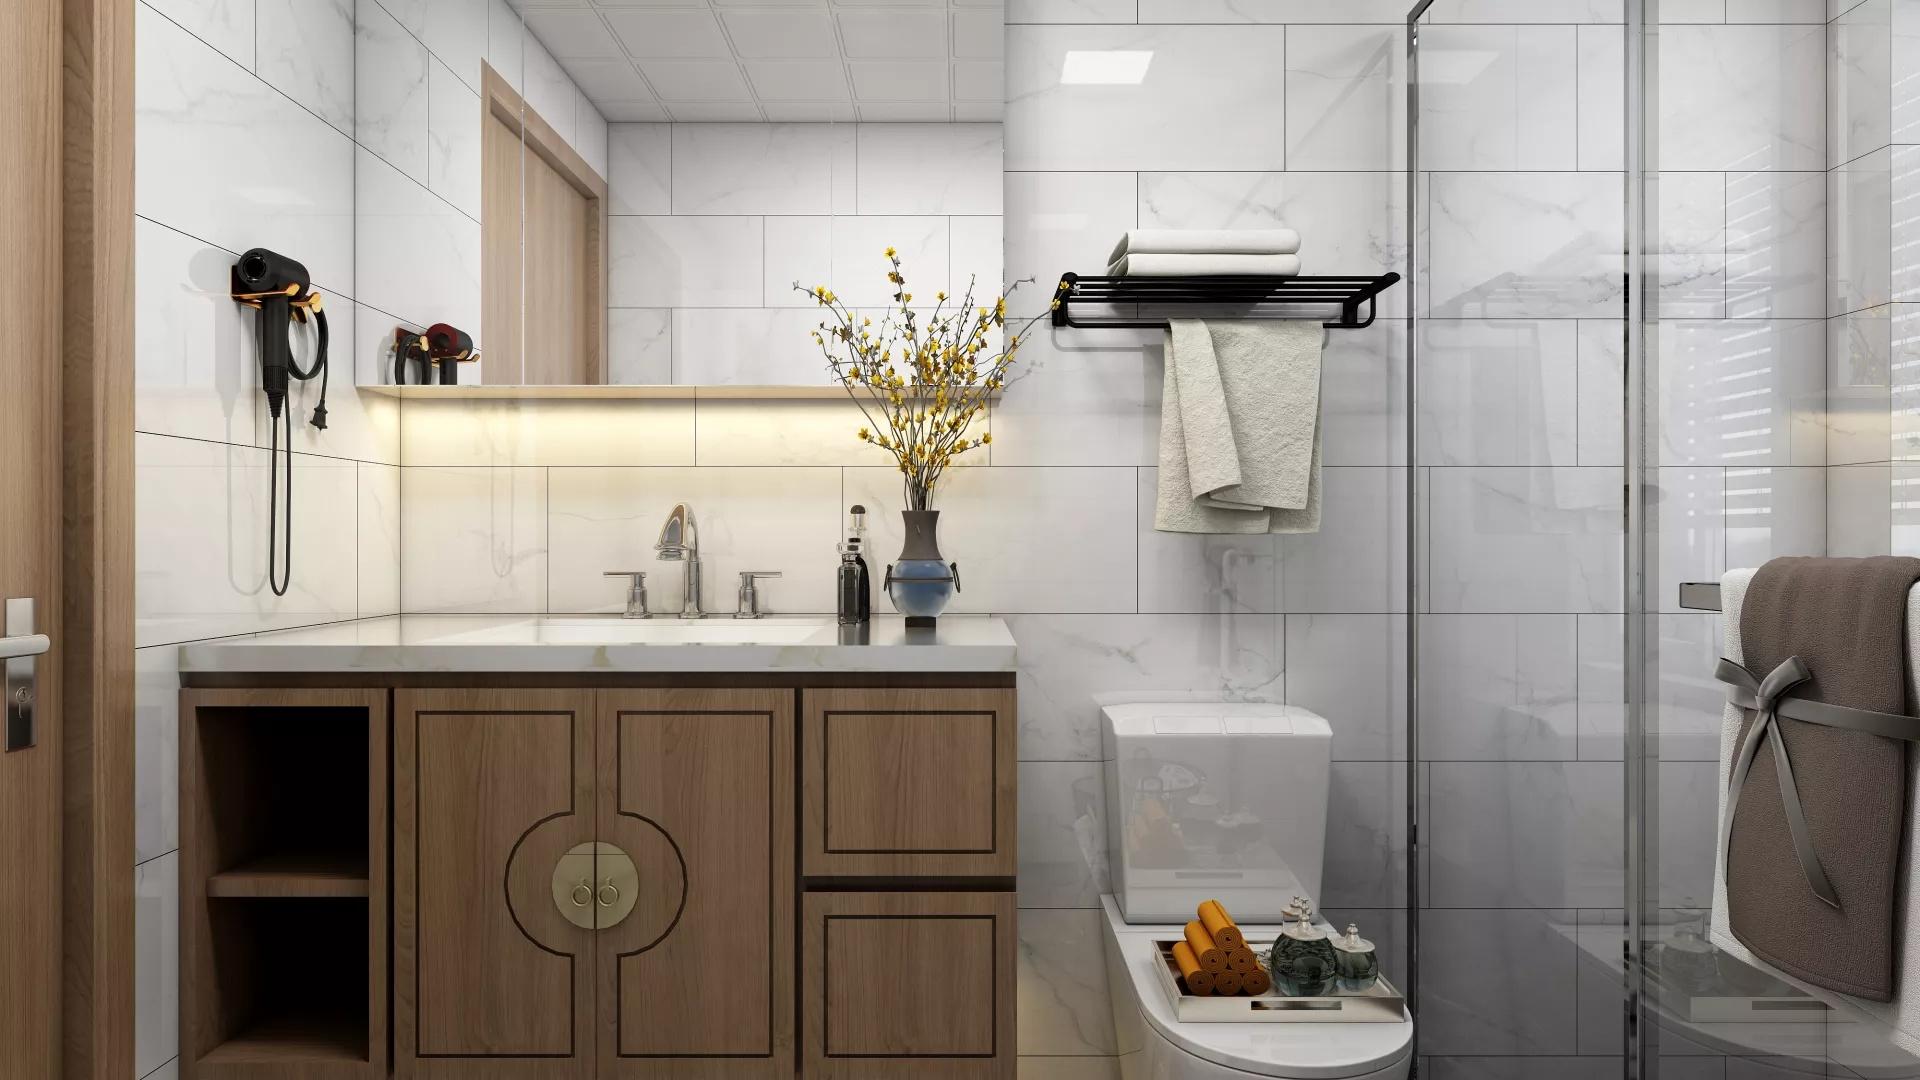 卫生间换气扇安装流程 卫生间排气扇怎么安装